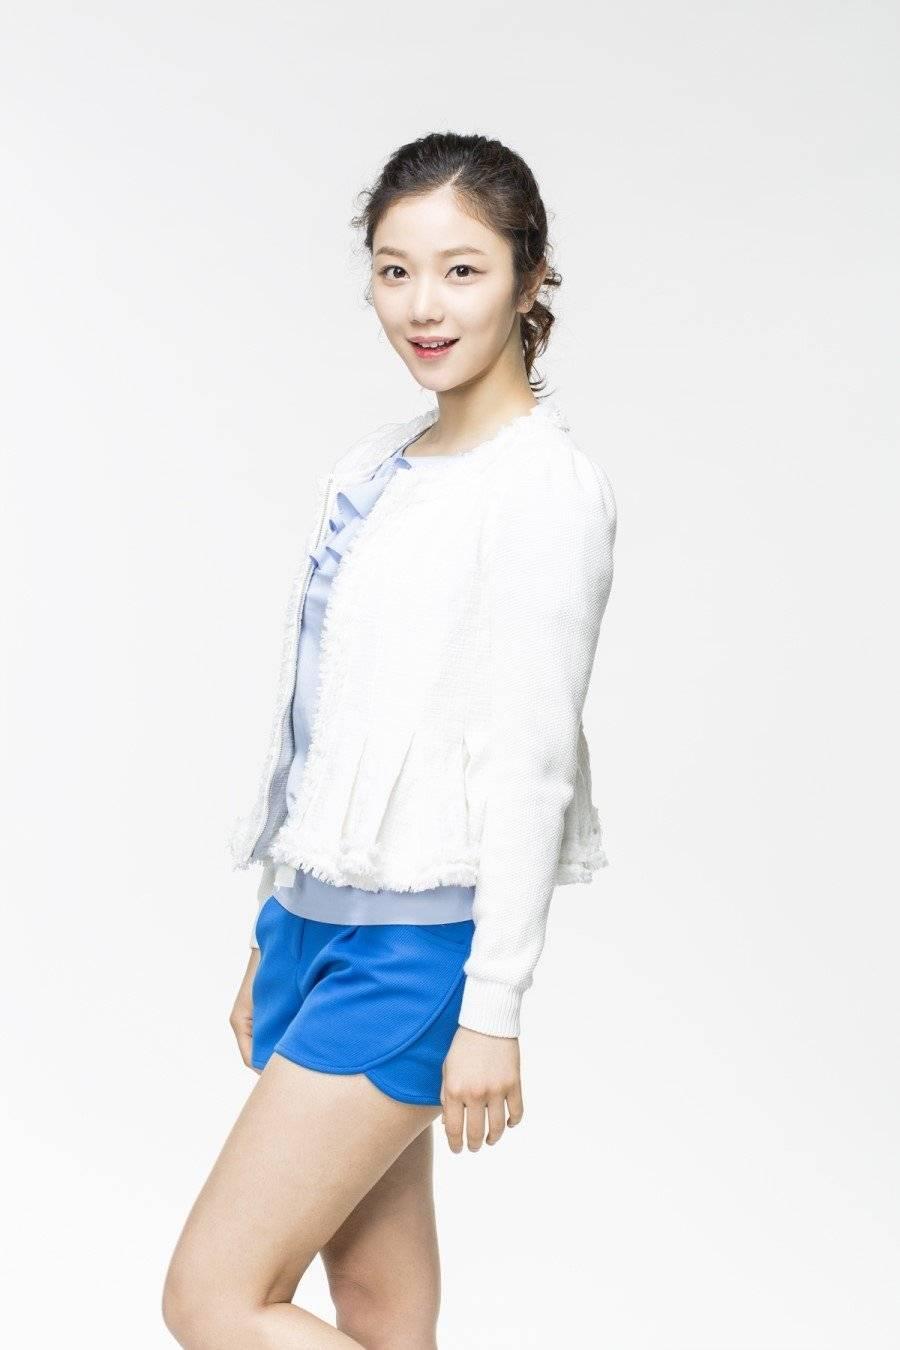 Seon-a Kim Nude Photos 35